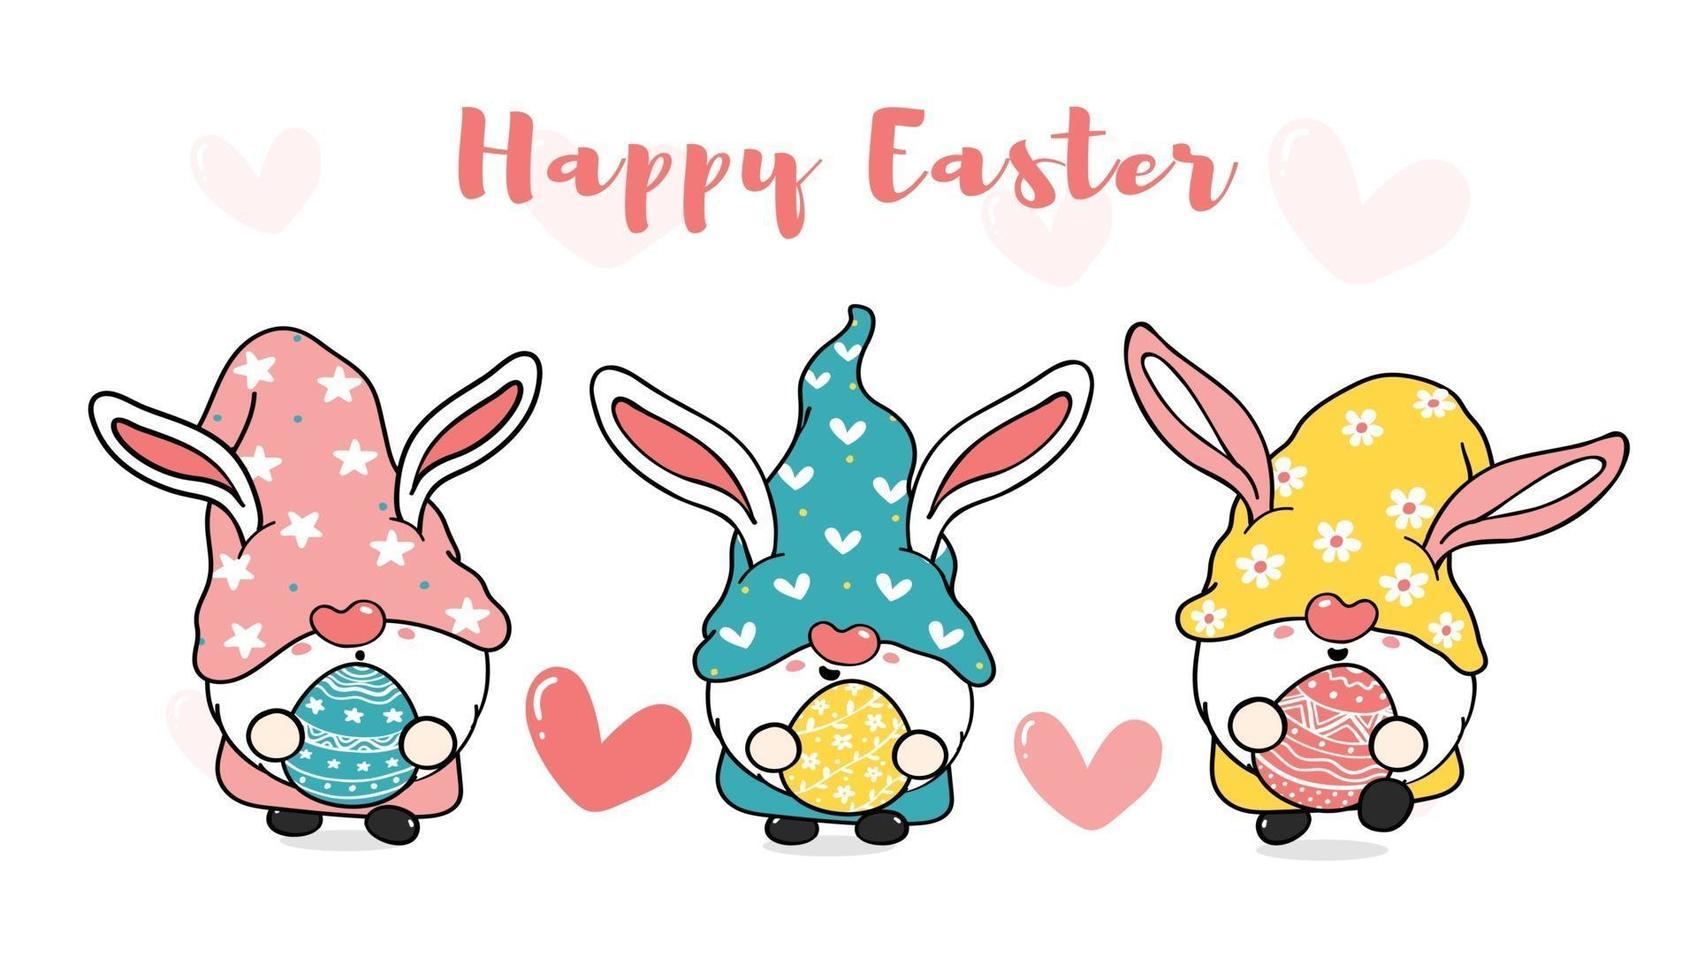 Tres lindos gnomos de conejito de pascua con orejas de conejo, banner de vector de dibujos animados de feliz pascua